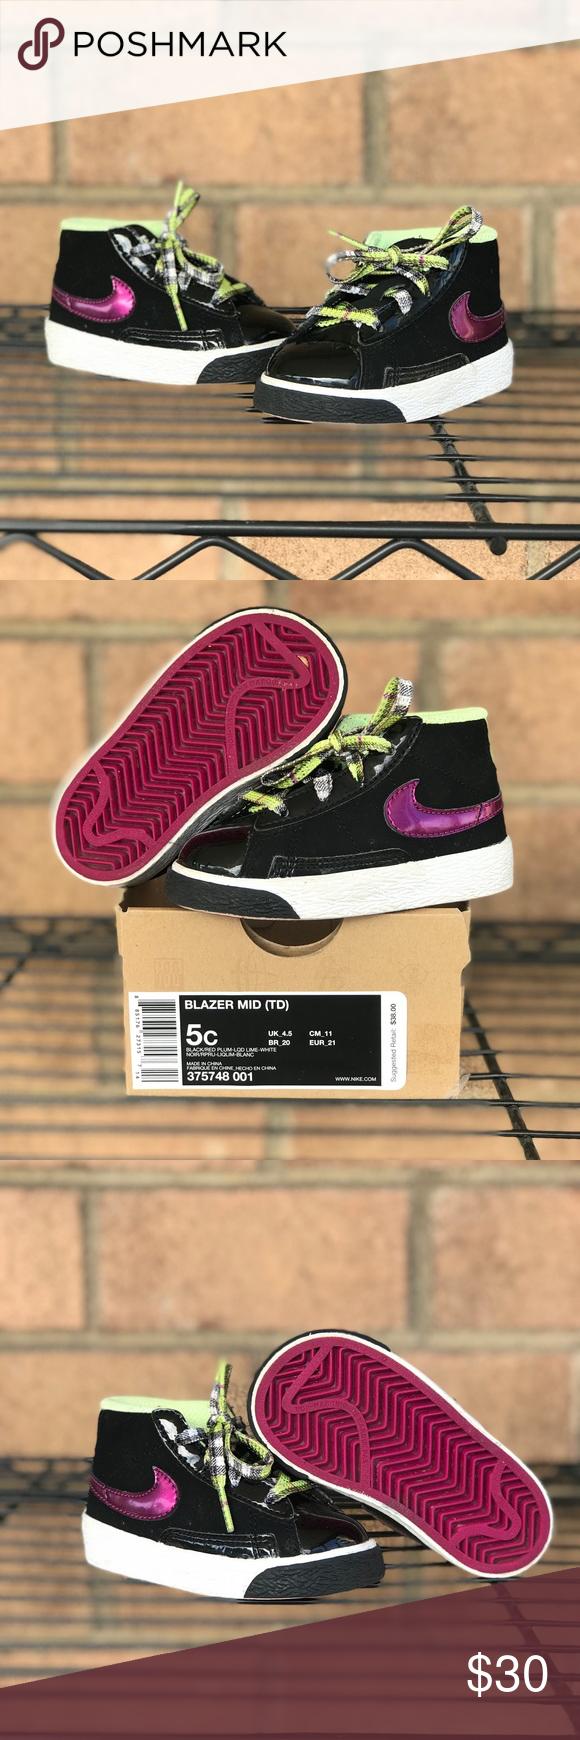 Nike Blazer Mid Td Chaquetas Y Zapatos Zapatillas De Deporte Y Chaquetas Calzado De Nike 33dfd3